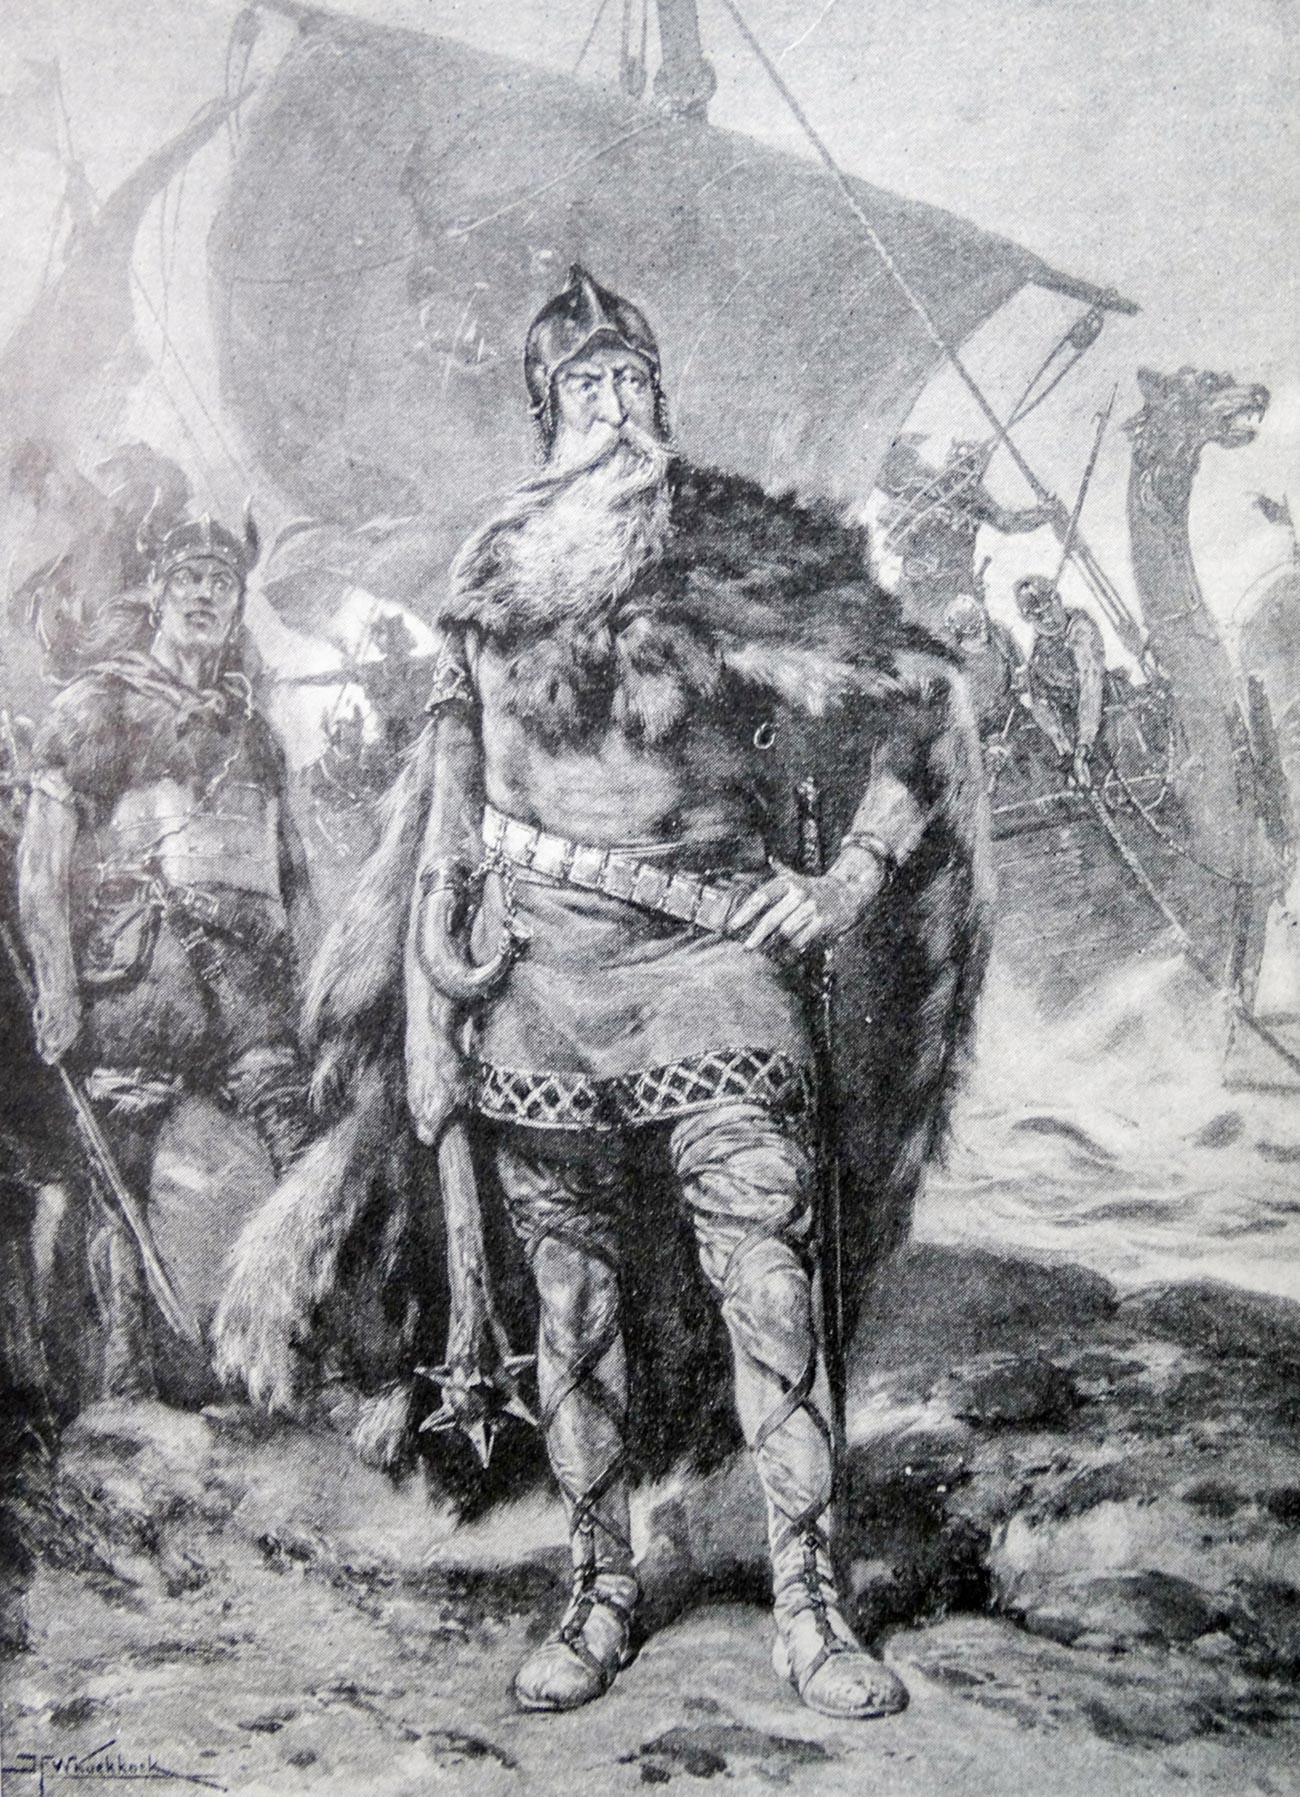 Rorik dari Dorestad (antara tahun 810 hingga tahun 880)